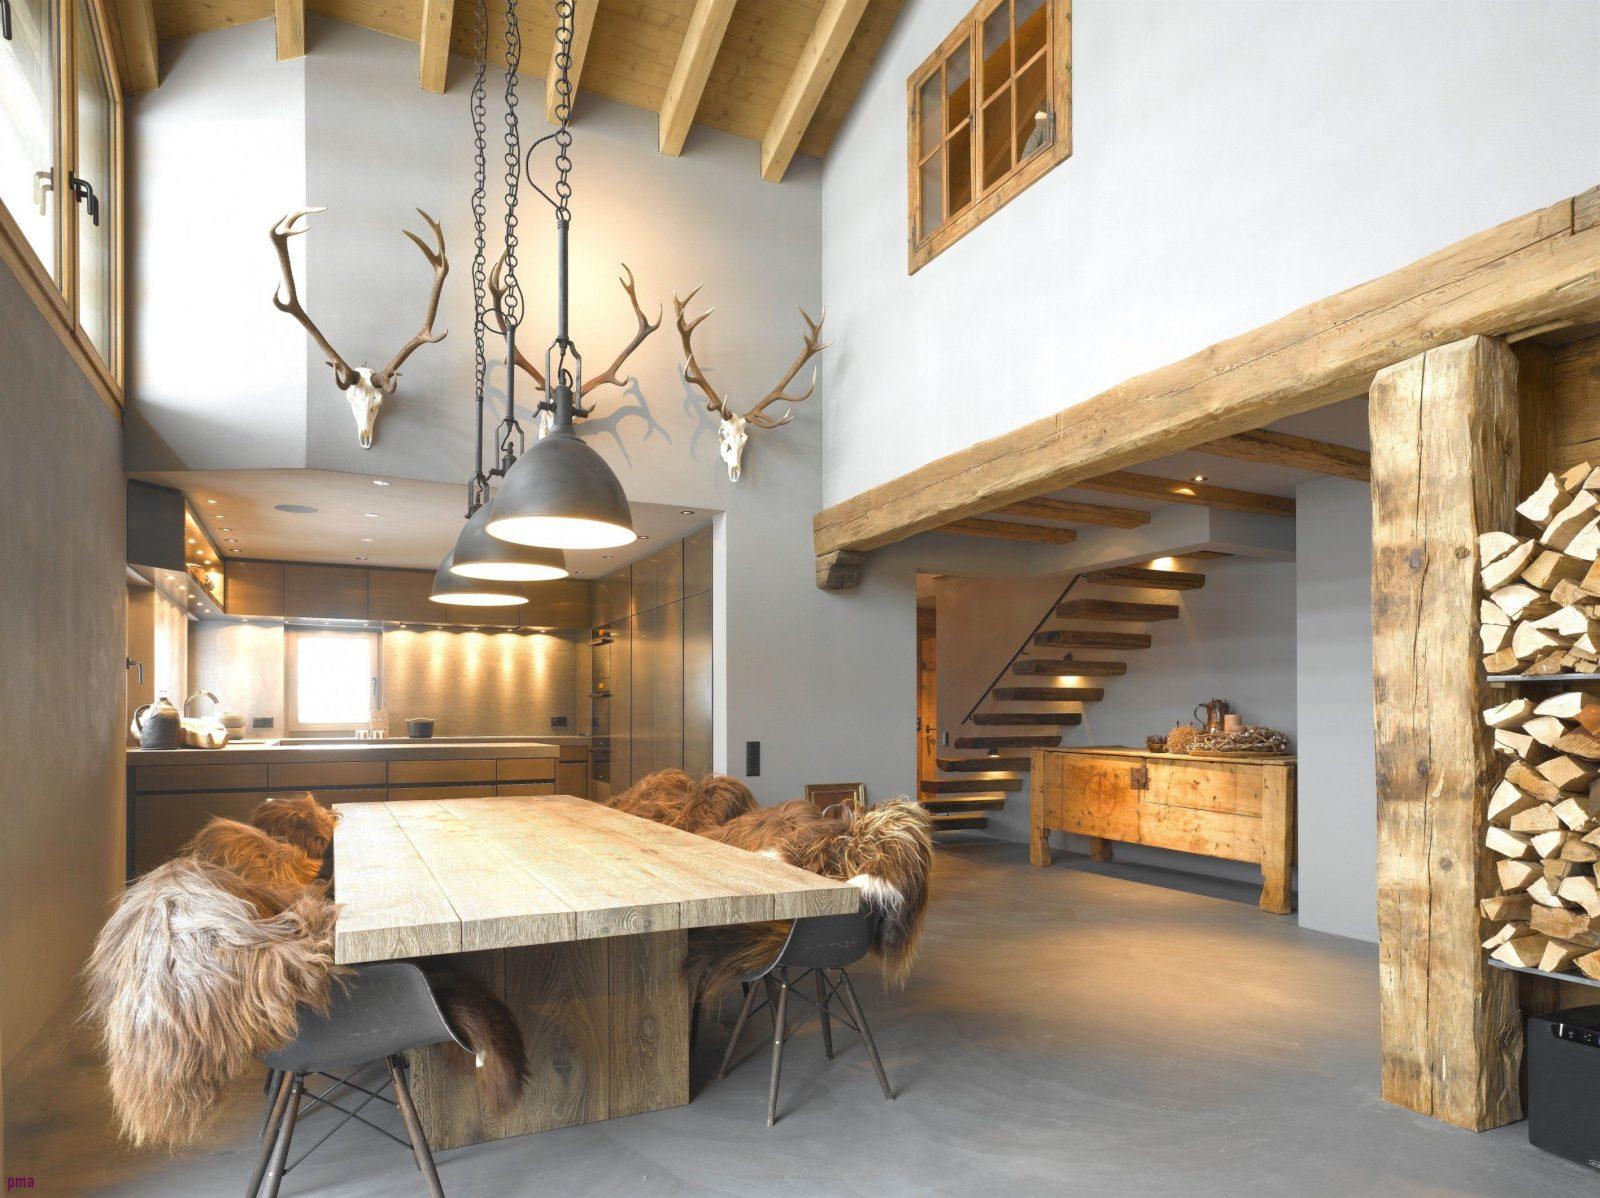 wohnzimmer dekoration ideen 25 luxus galerie betreffend wohnzimmer